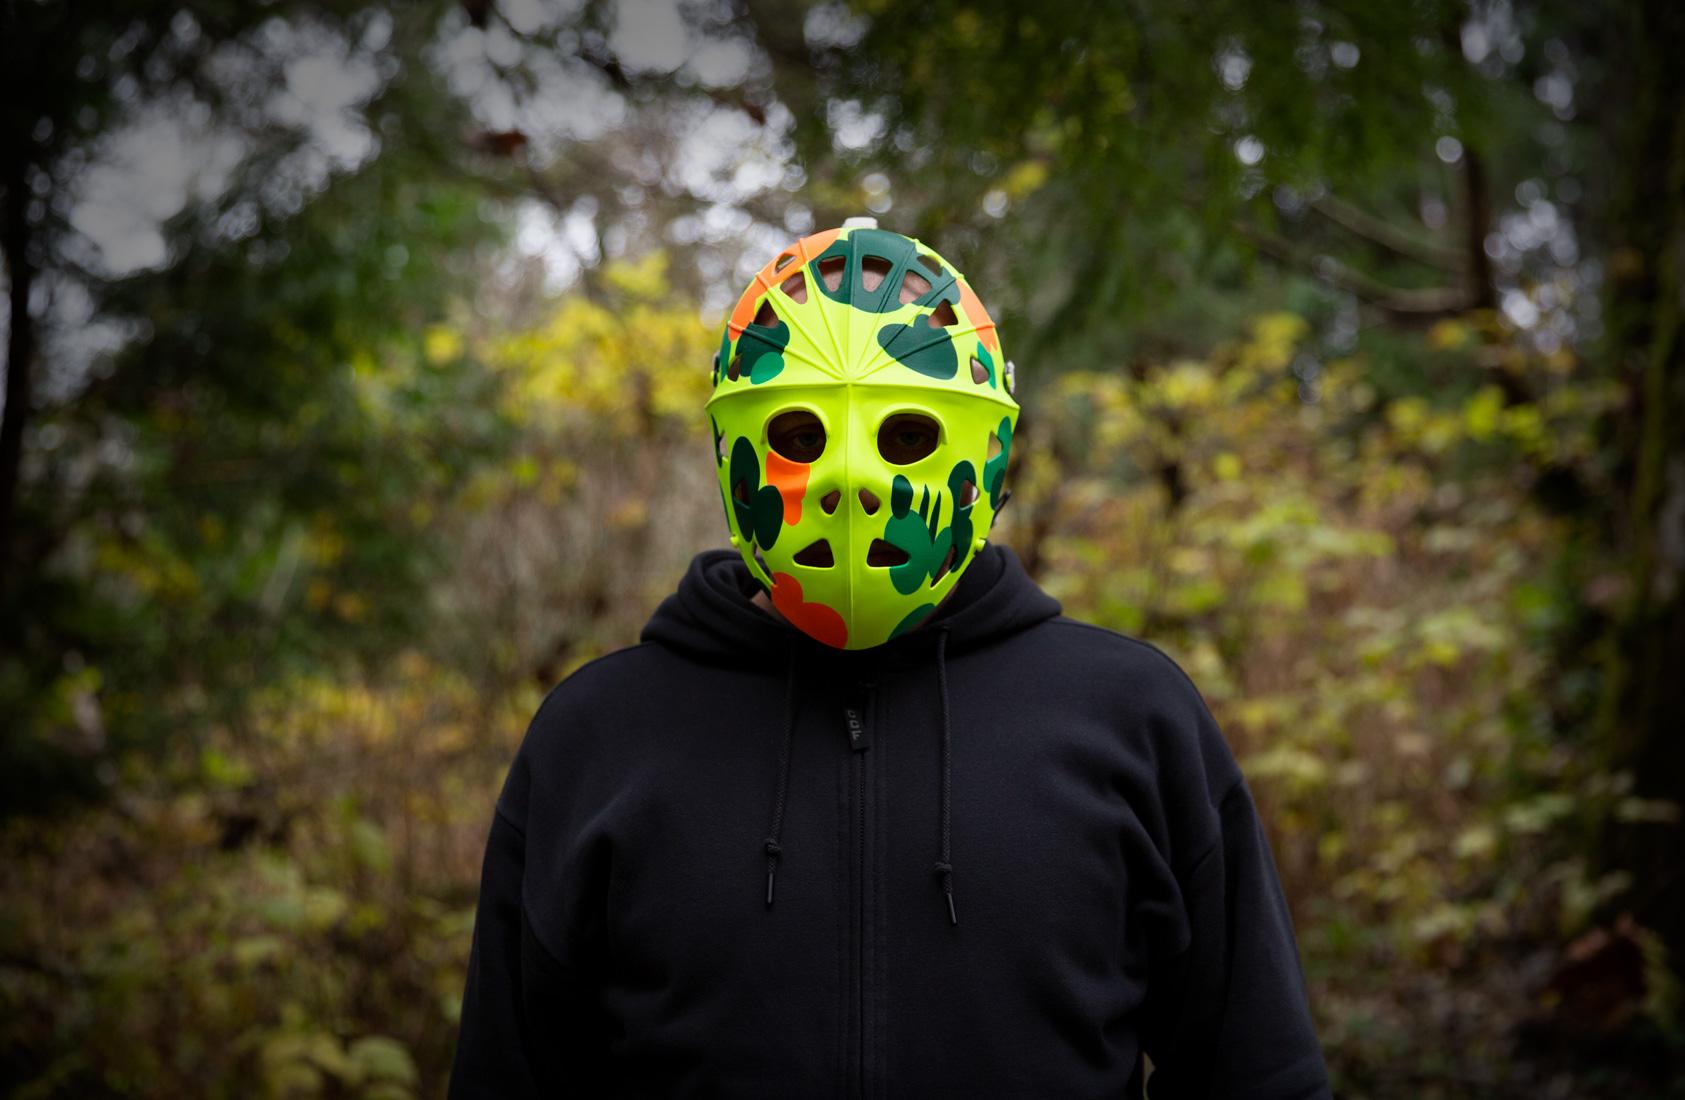 hockeymask 1685x1100 1